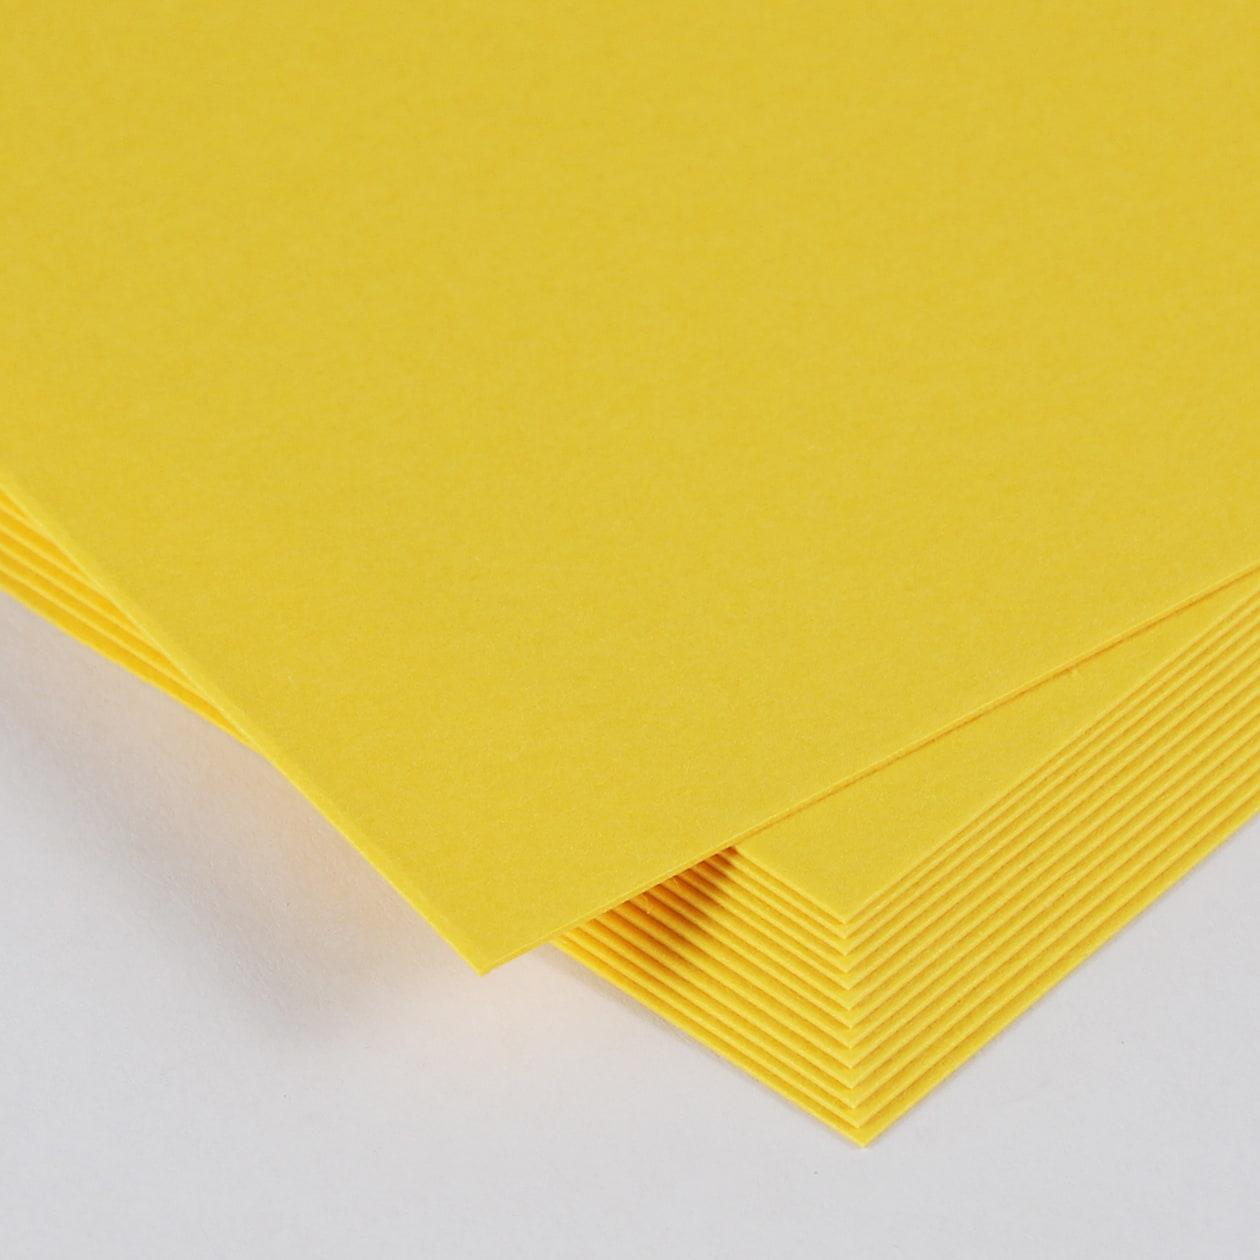 Pカード コットン(NTラシャ) 黄色 244.3g